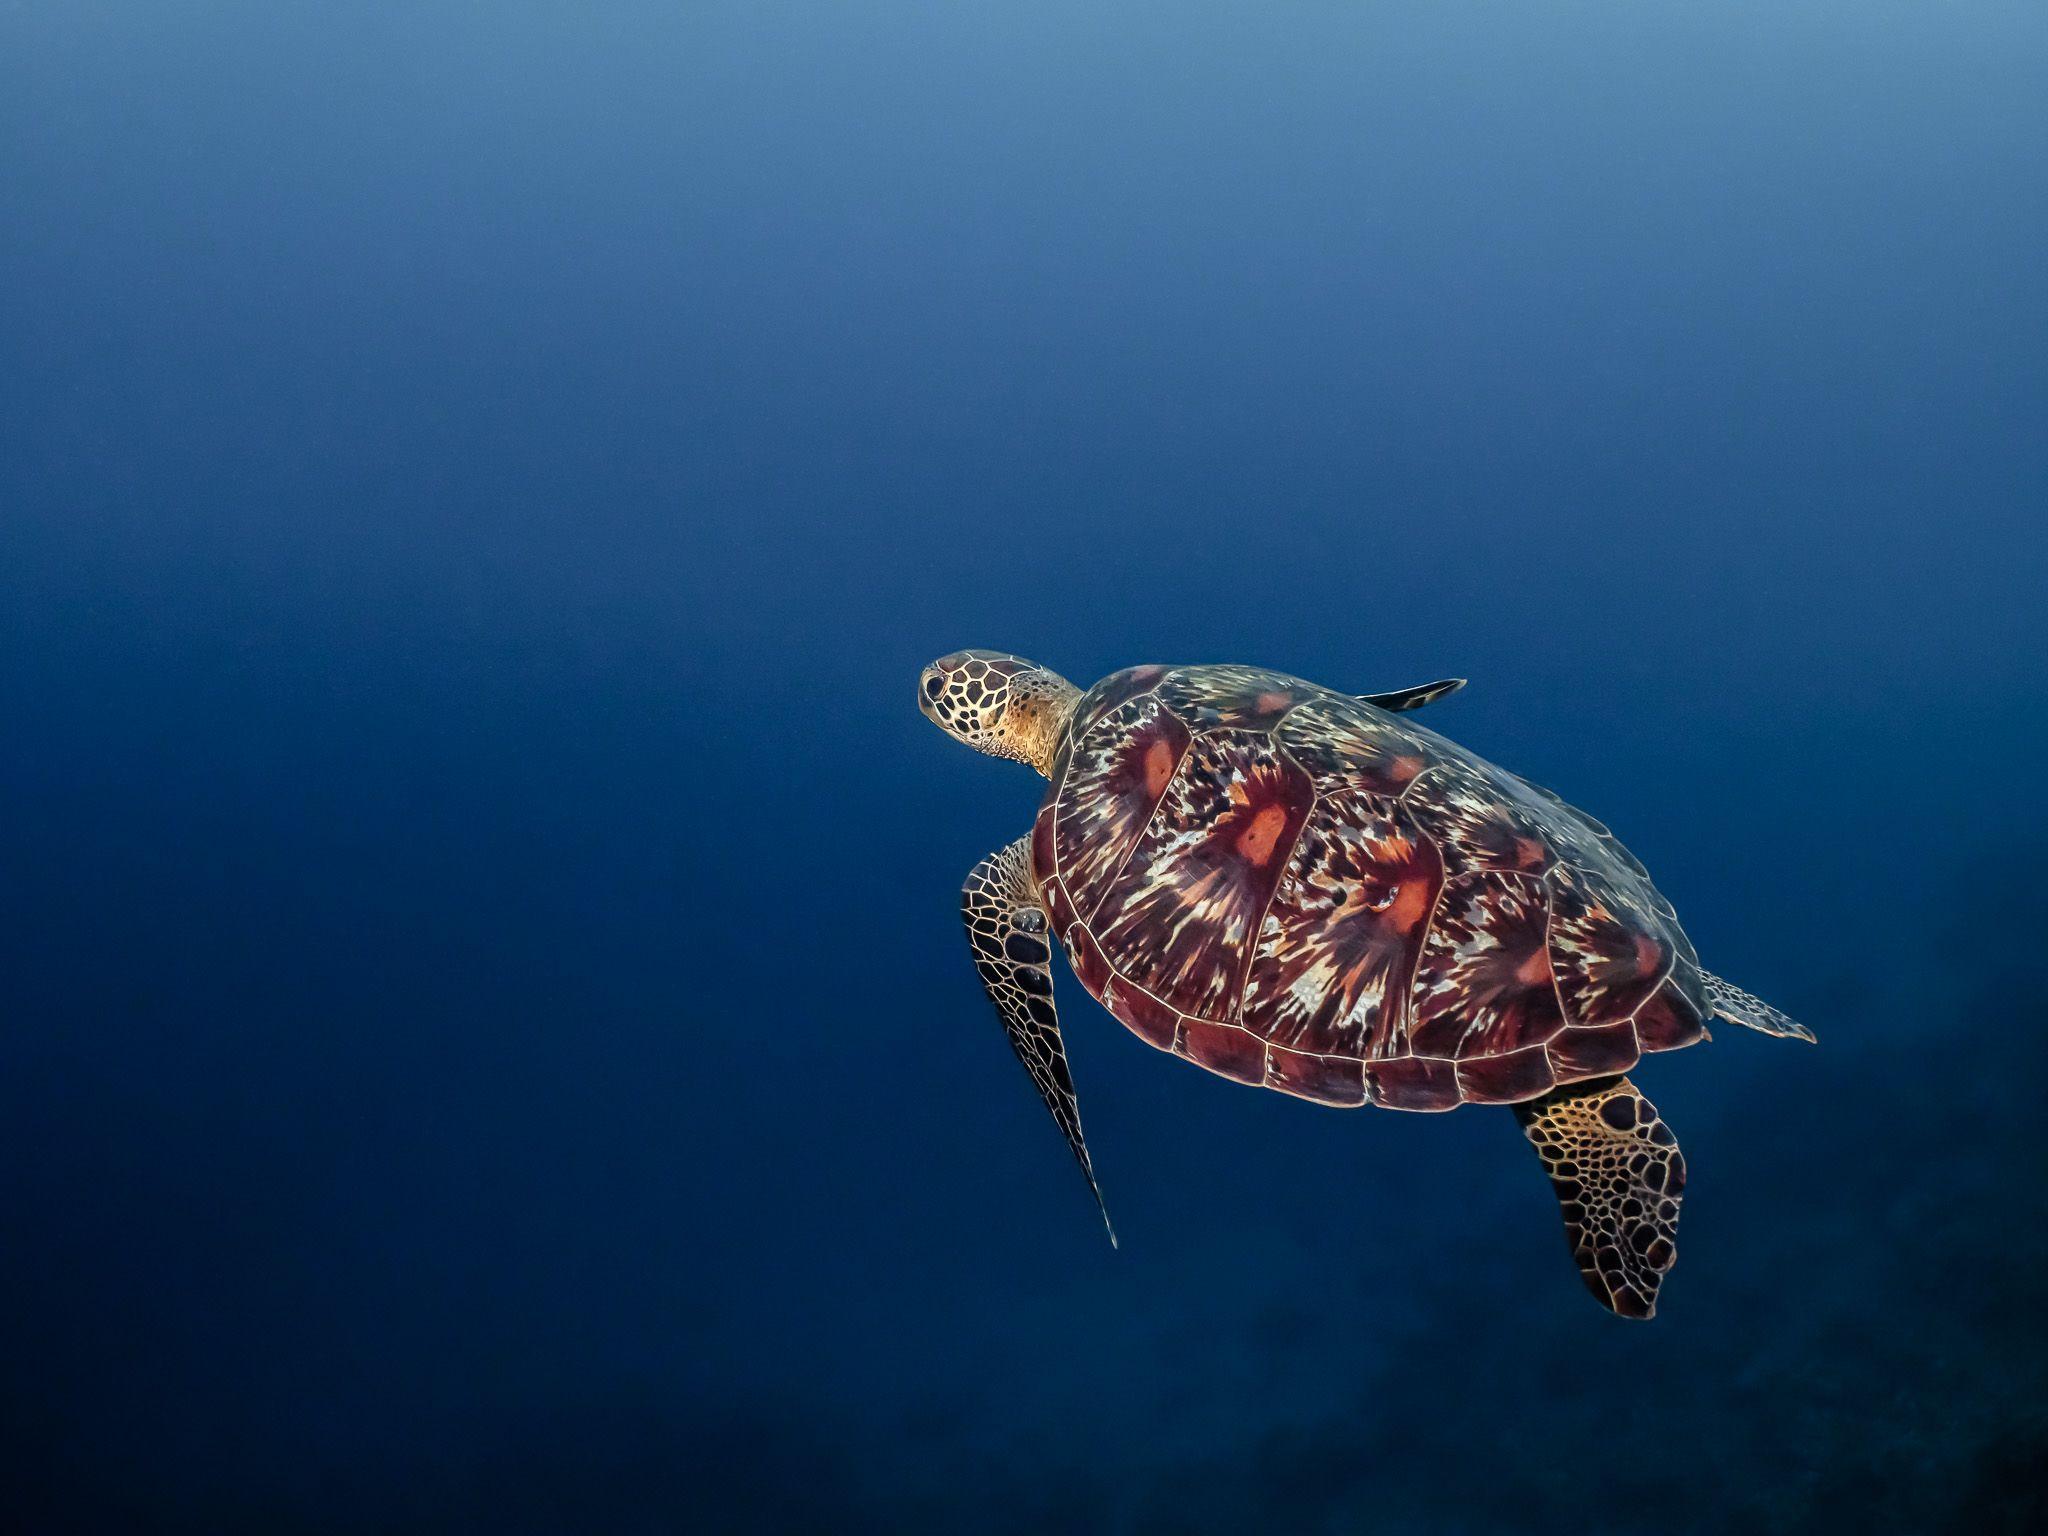 Подводная фотография, природа, макро, дайвинг, океан, рыбы, море, под водой, глубина, синева, вода, underwater, кораллы, риф, подводный, сноркелинг, фауна, underwater, wildlife, photography, ocean, sea, diving, Савин Андрей